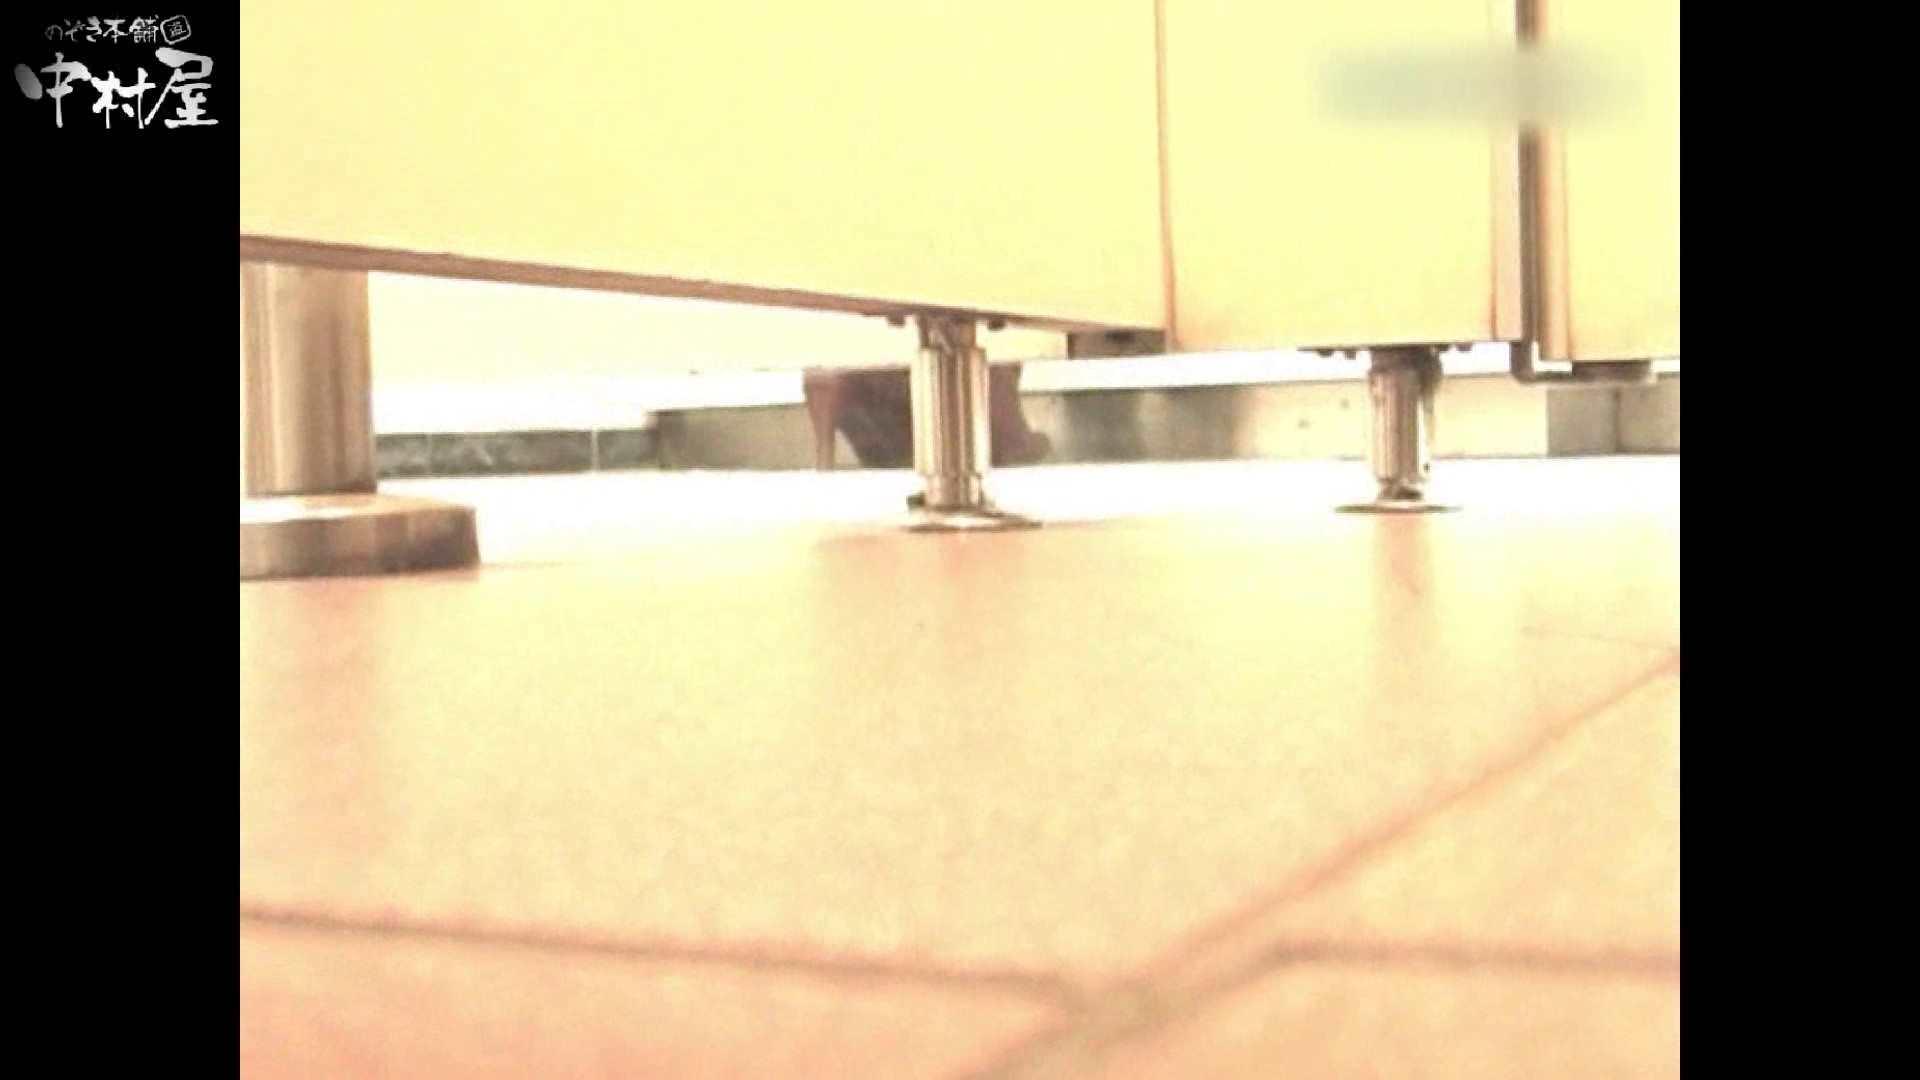 岩手県在住盗撮師盗撮記録vol.10 オマンコ オマンコ動画キャプチャ 12pic 11